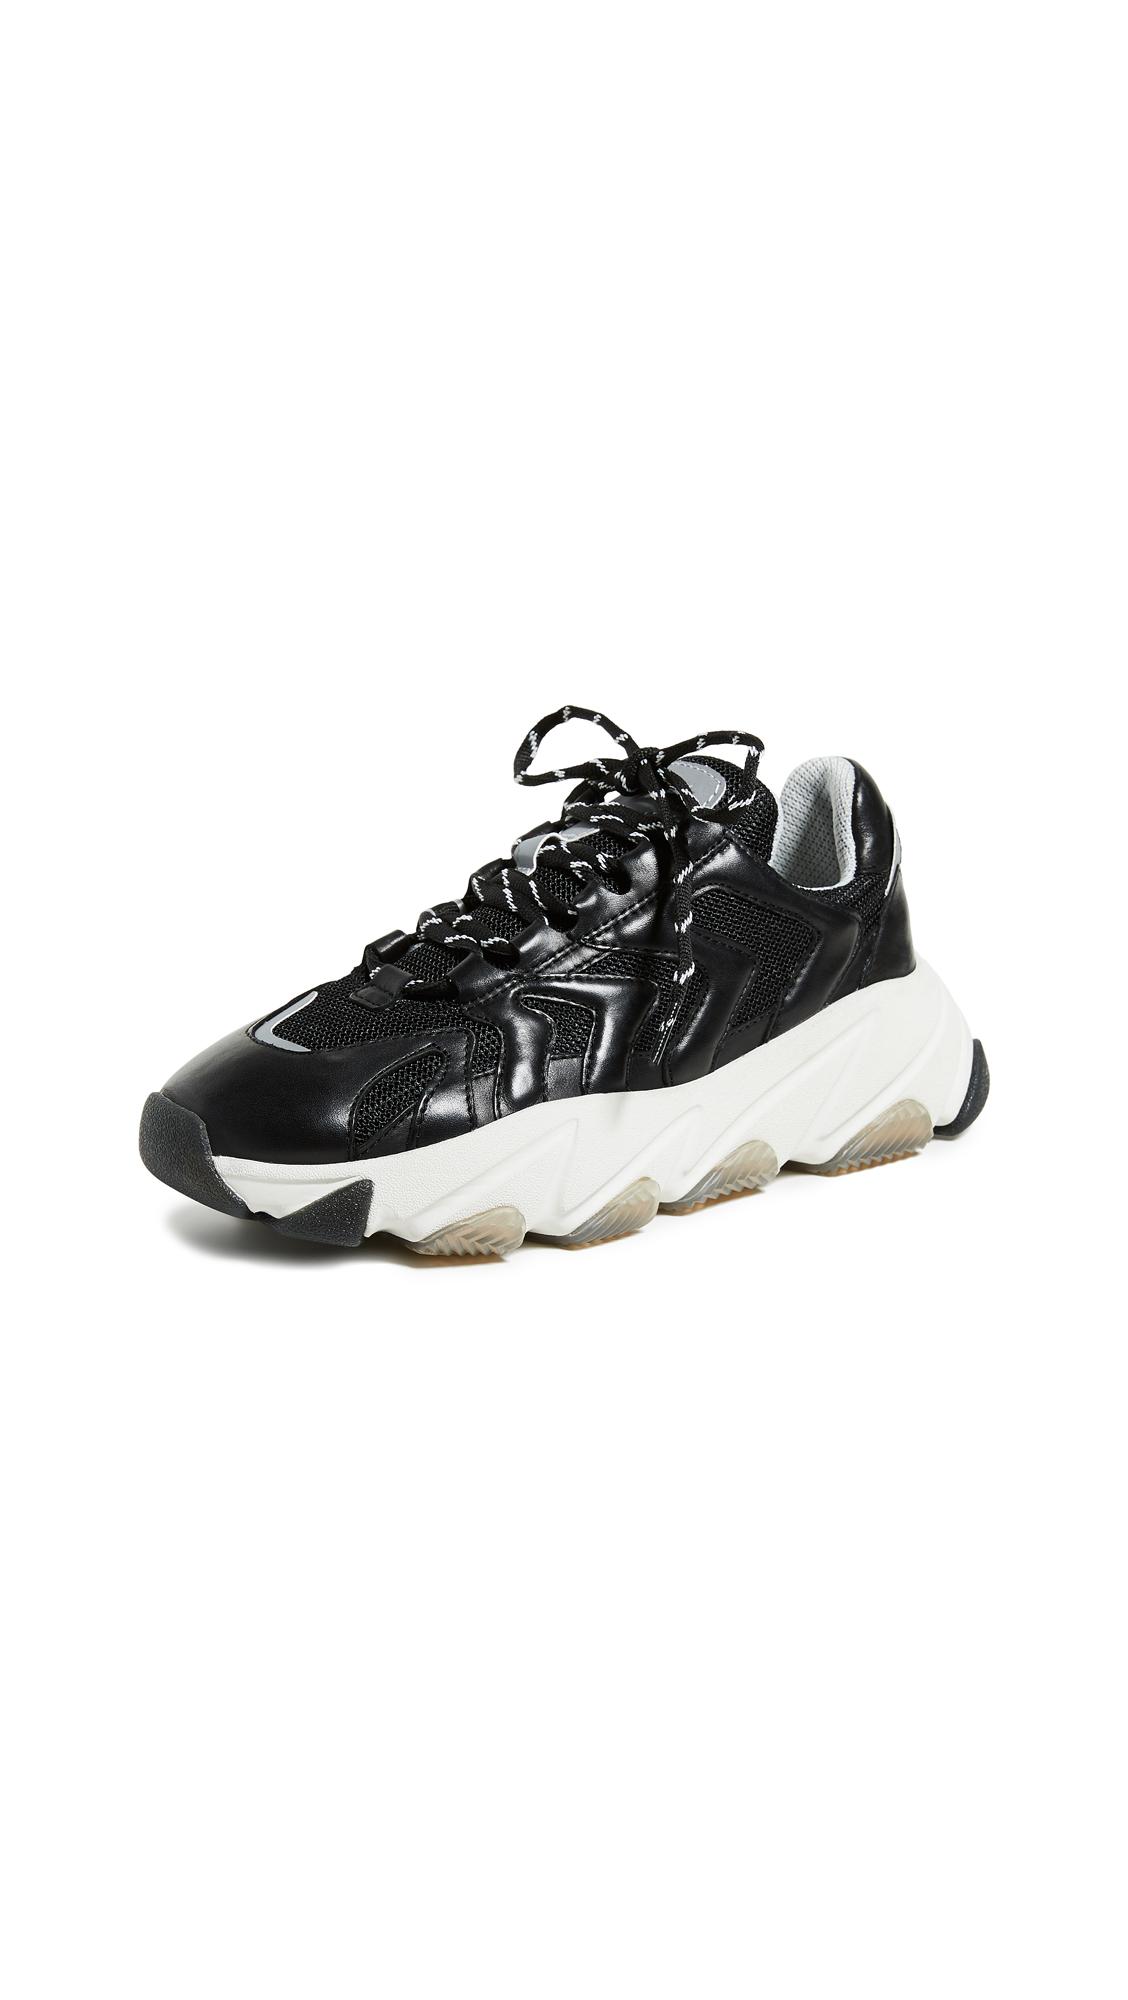 Ash Extreme Sneakers - Black/Reflex Silver/Black